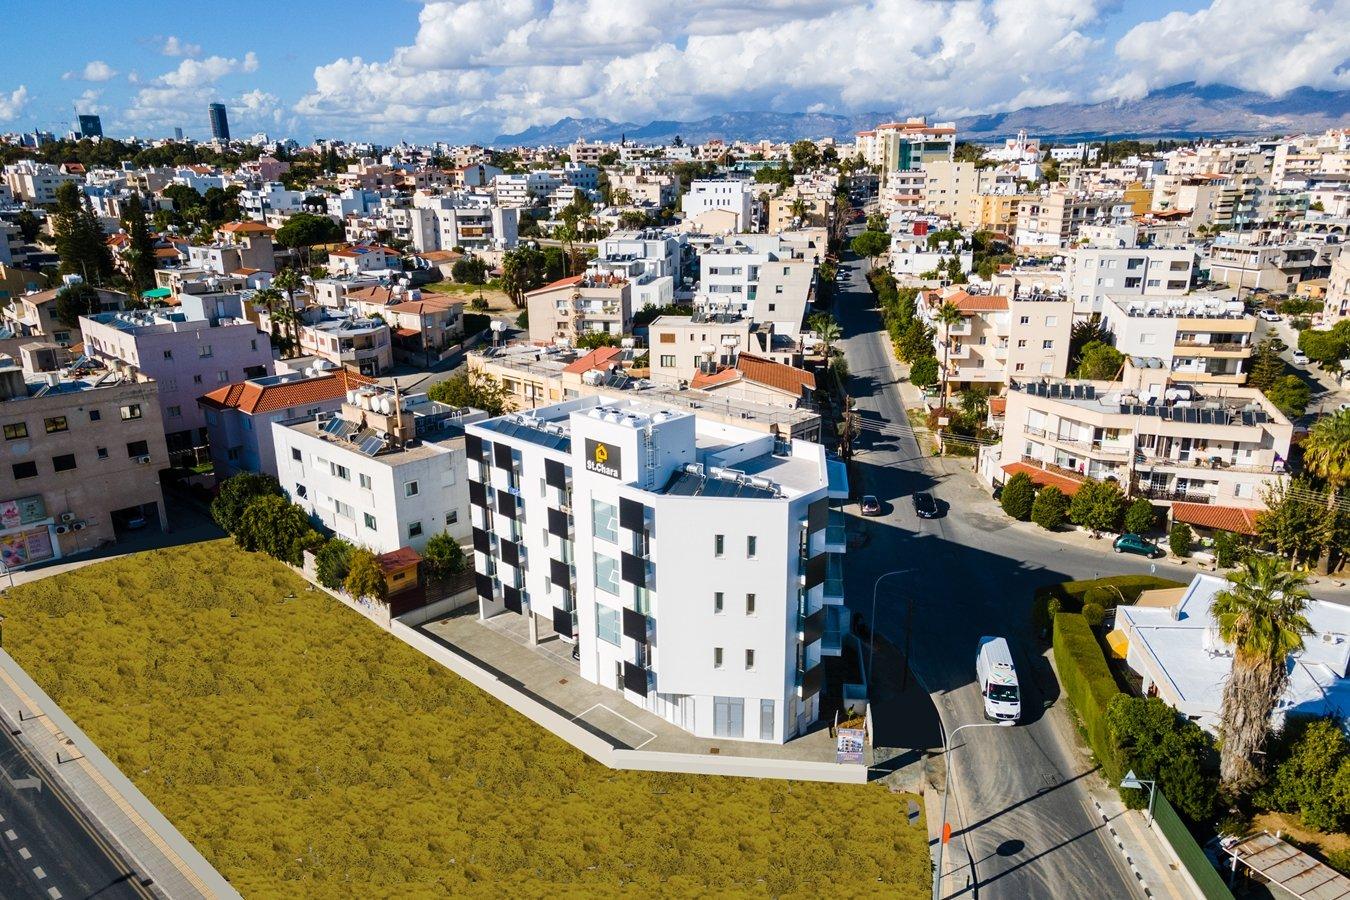 Orfeas-Apartment-301-DJI_0197_ed